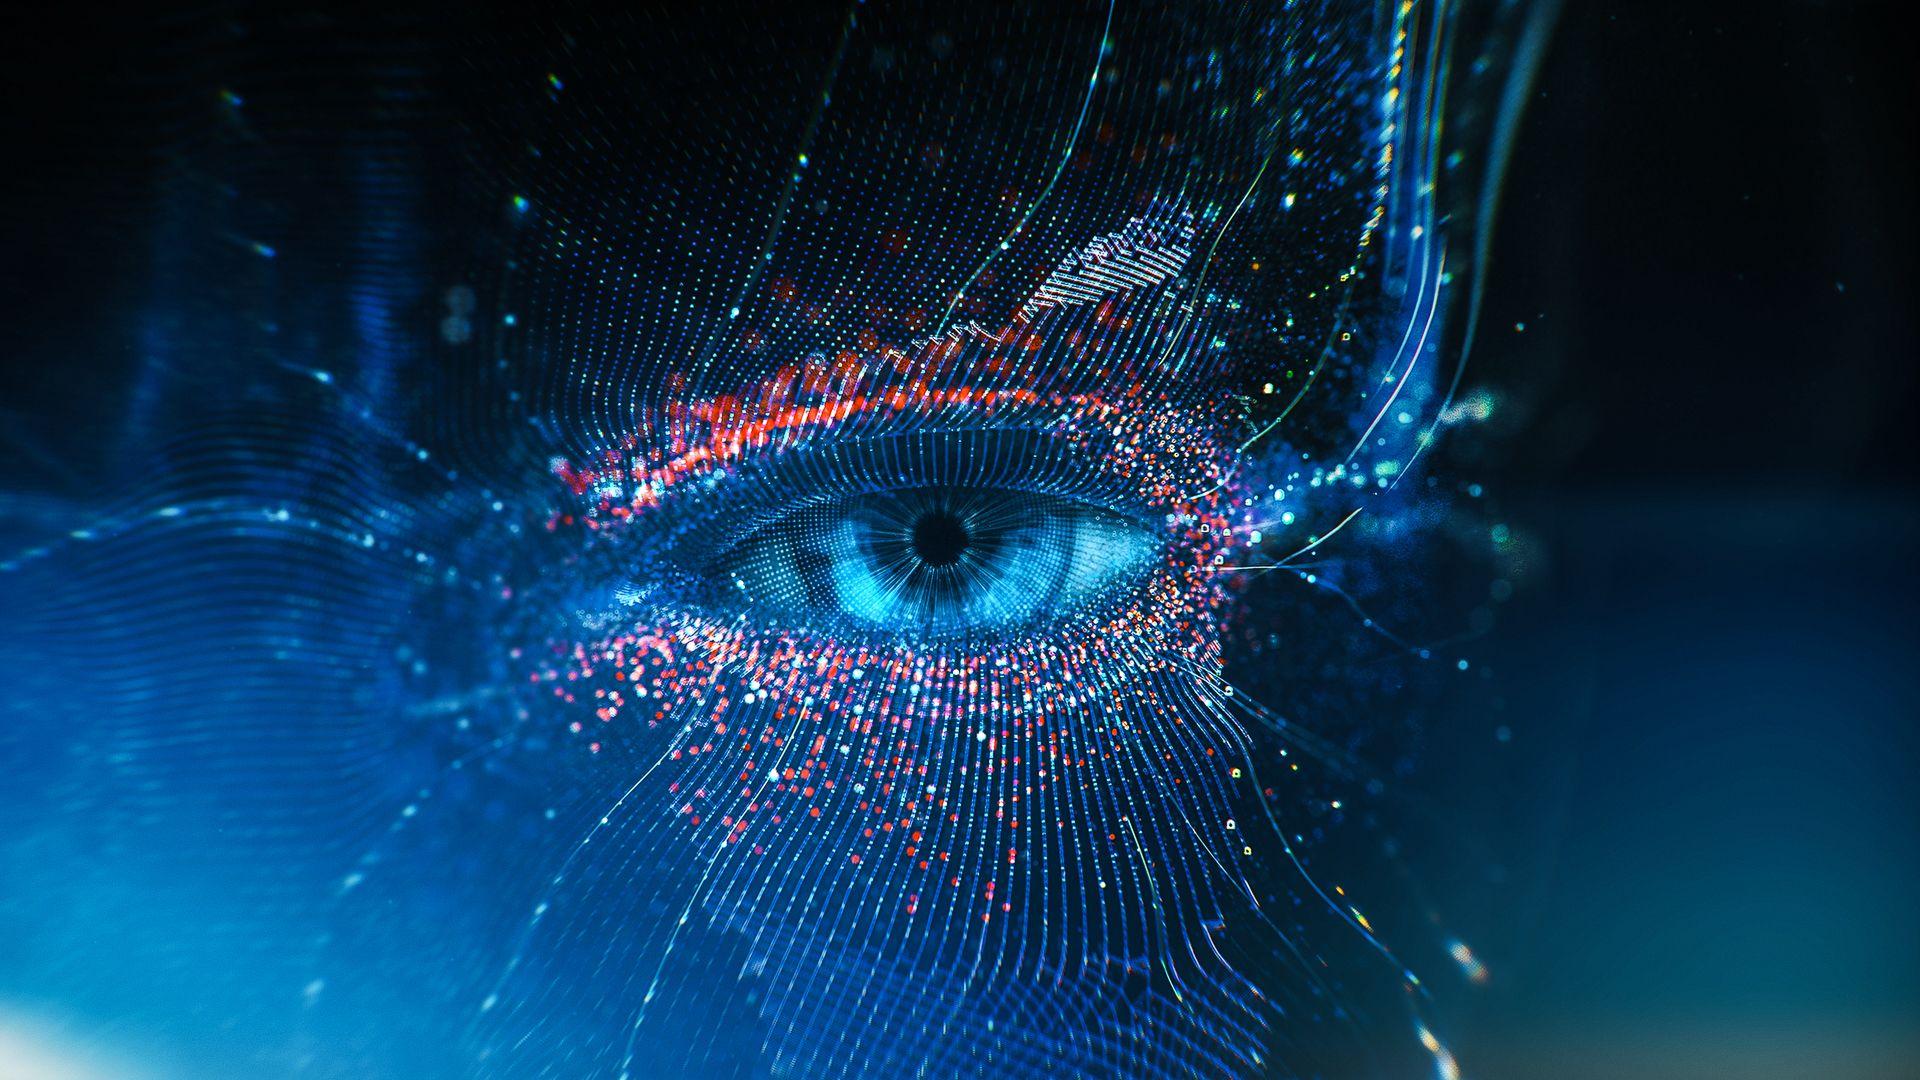 Xbox One X E3 2017 On Behance Eyes Wallpaper Digital Artwork Eye Illustration